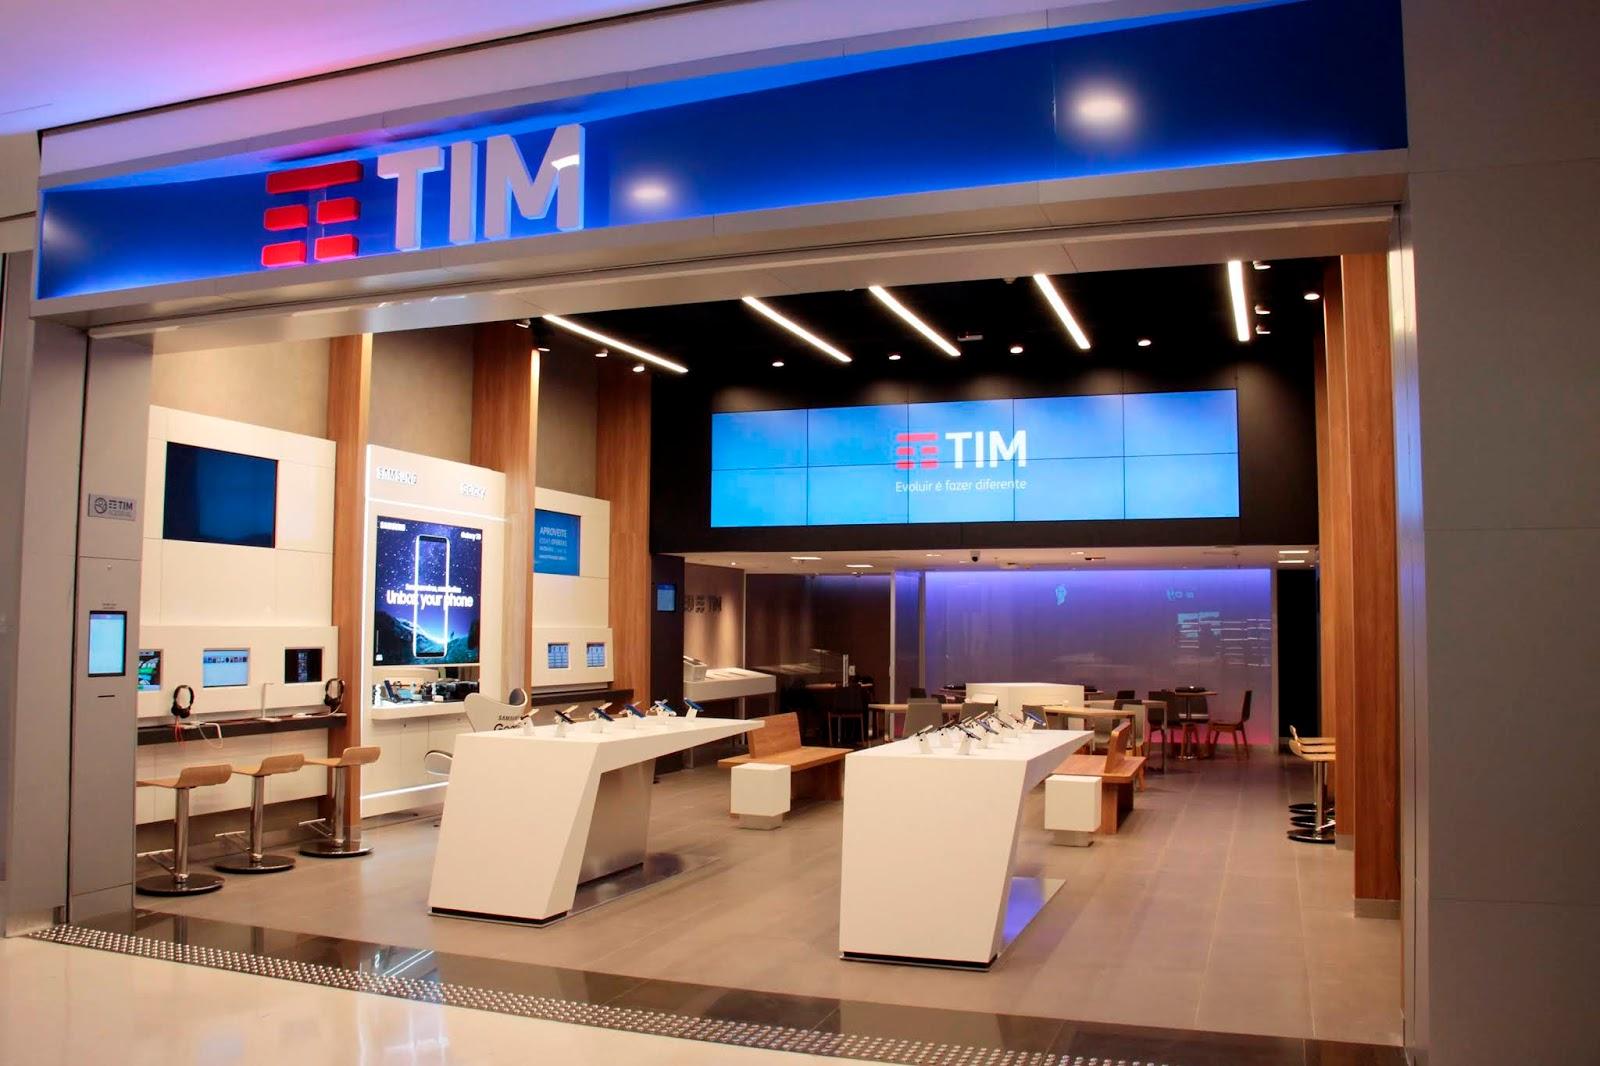 TIM inaugura novas lojas em Bragança e Tailândia e deve abrir mais 7 unidades no Pará